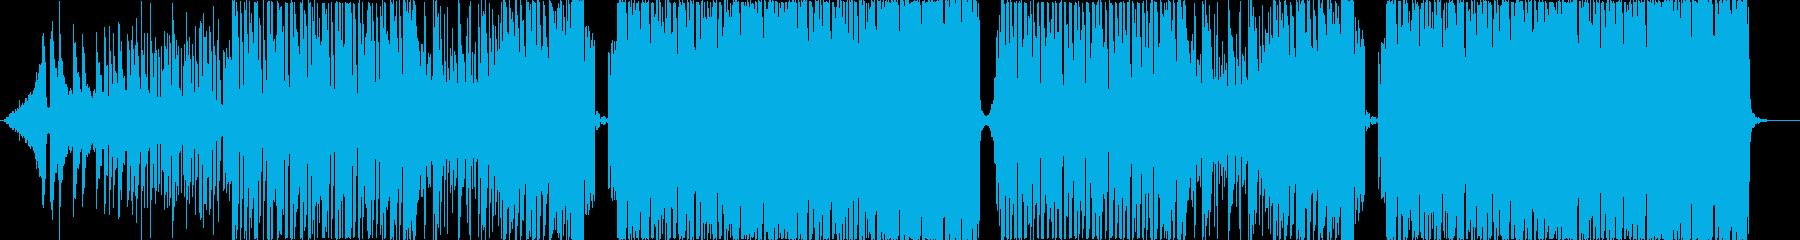 ノリノリなK-Pop,EDMポップ♬の再生済みの波形